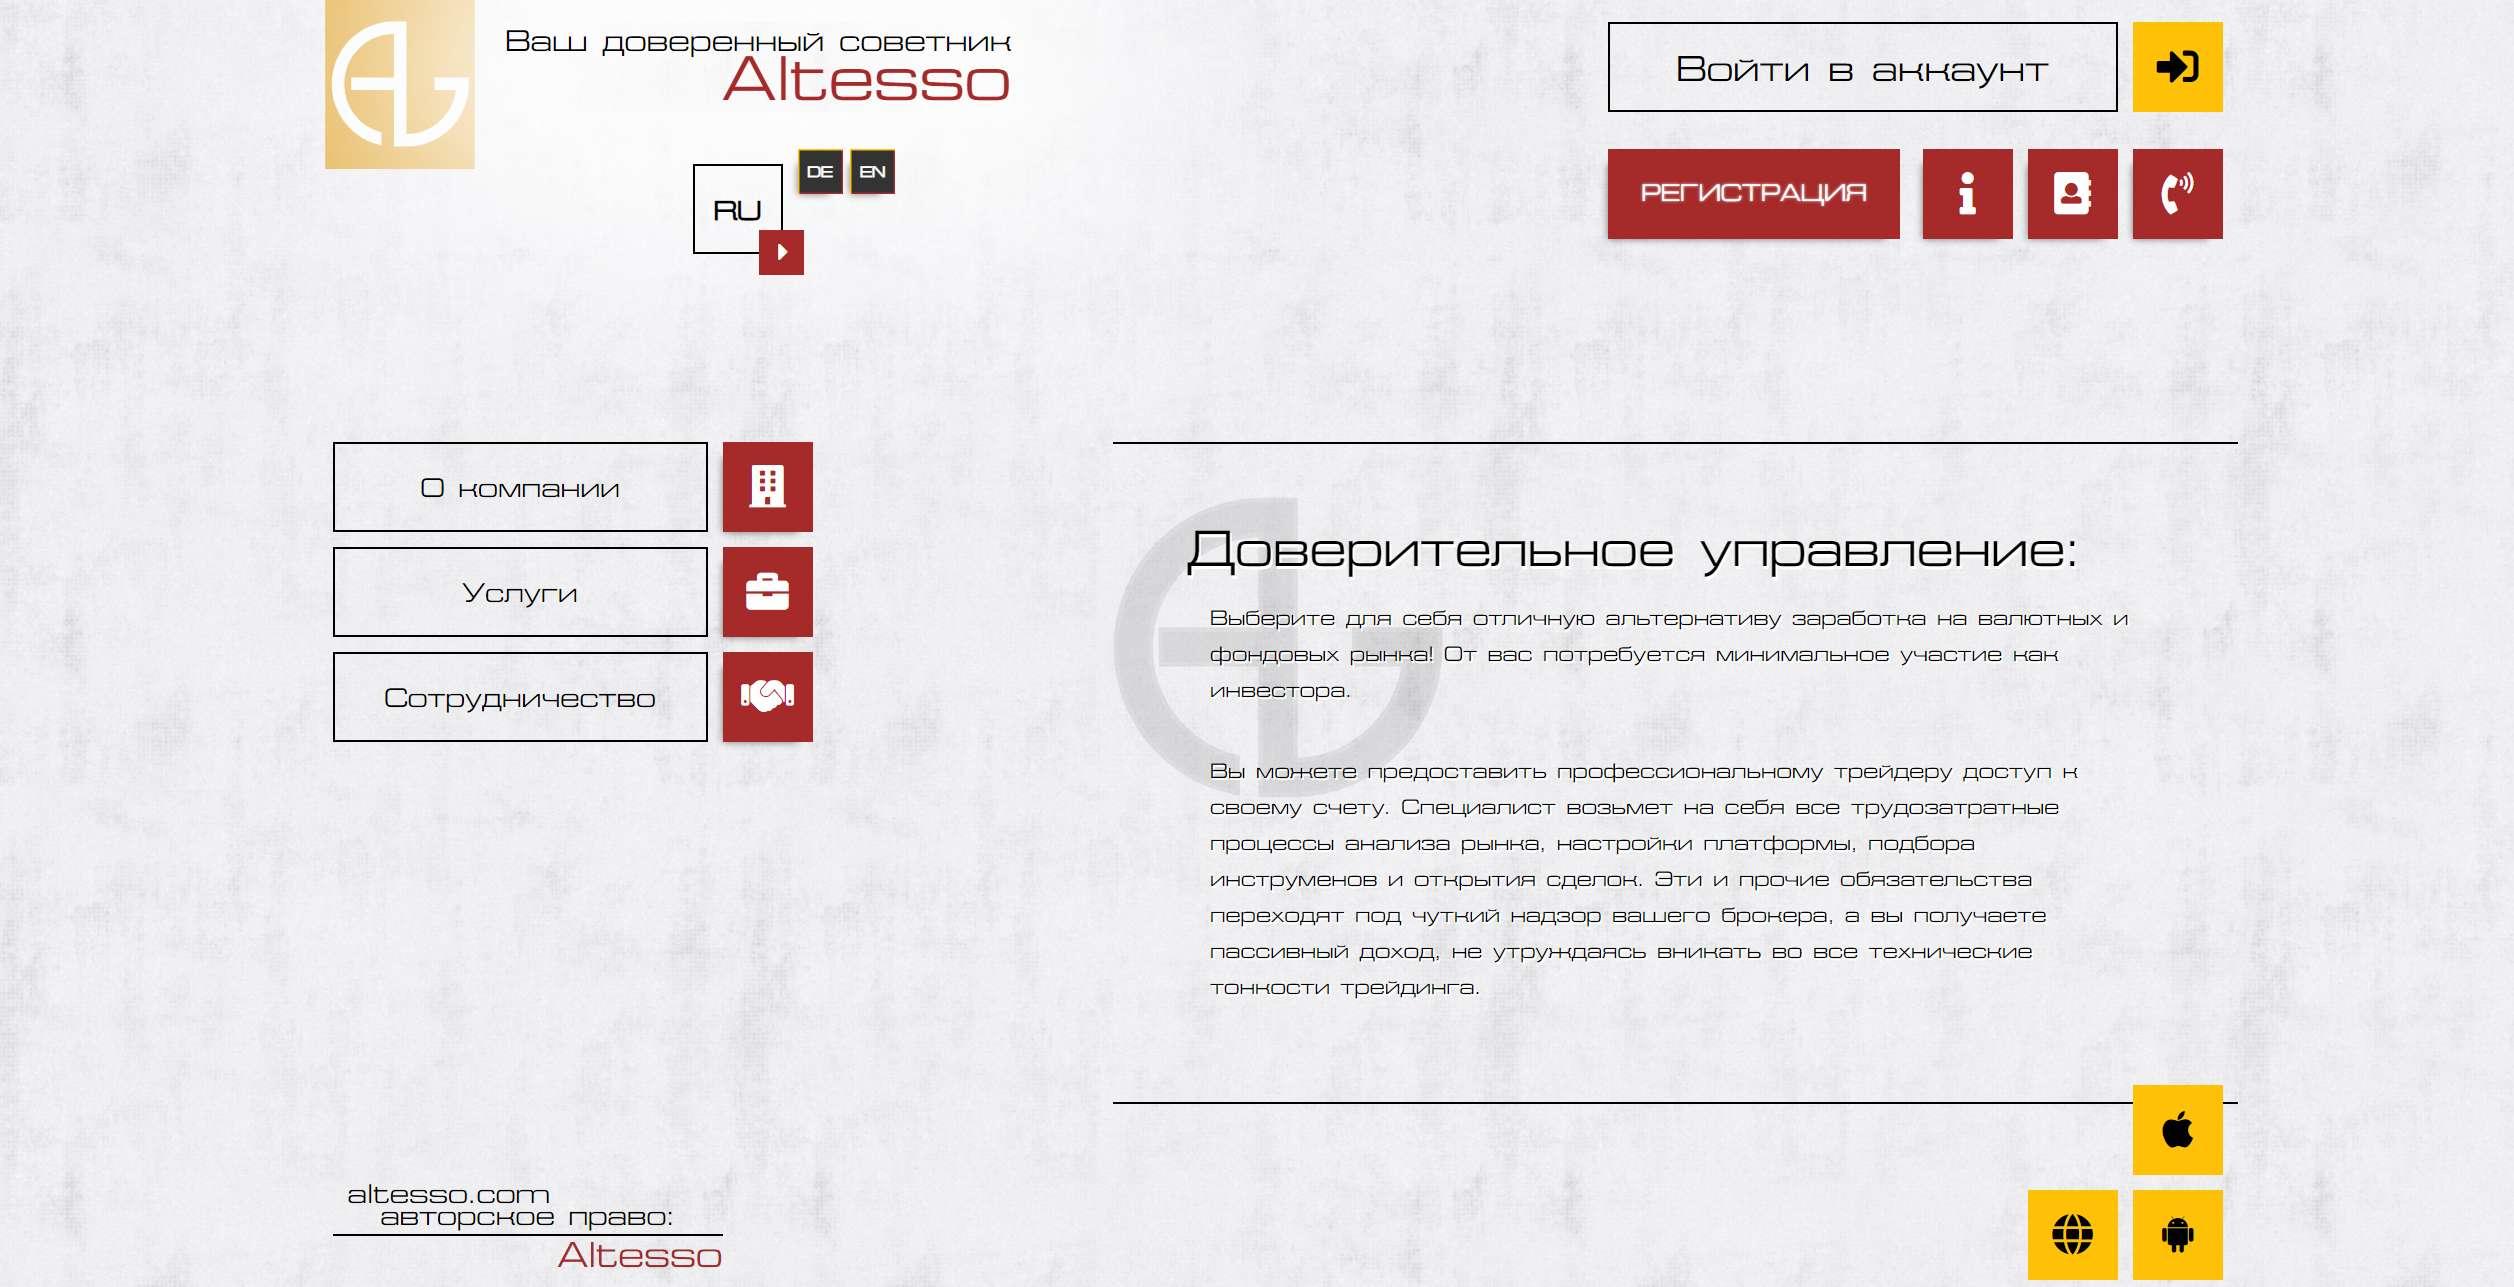 Брокер Altesso – доверяем или нет? Отзывы, мнение, обзор.